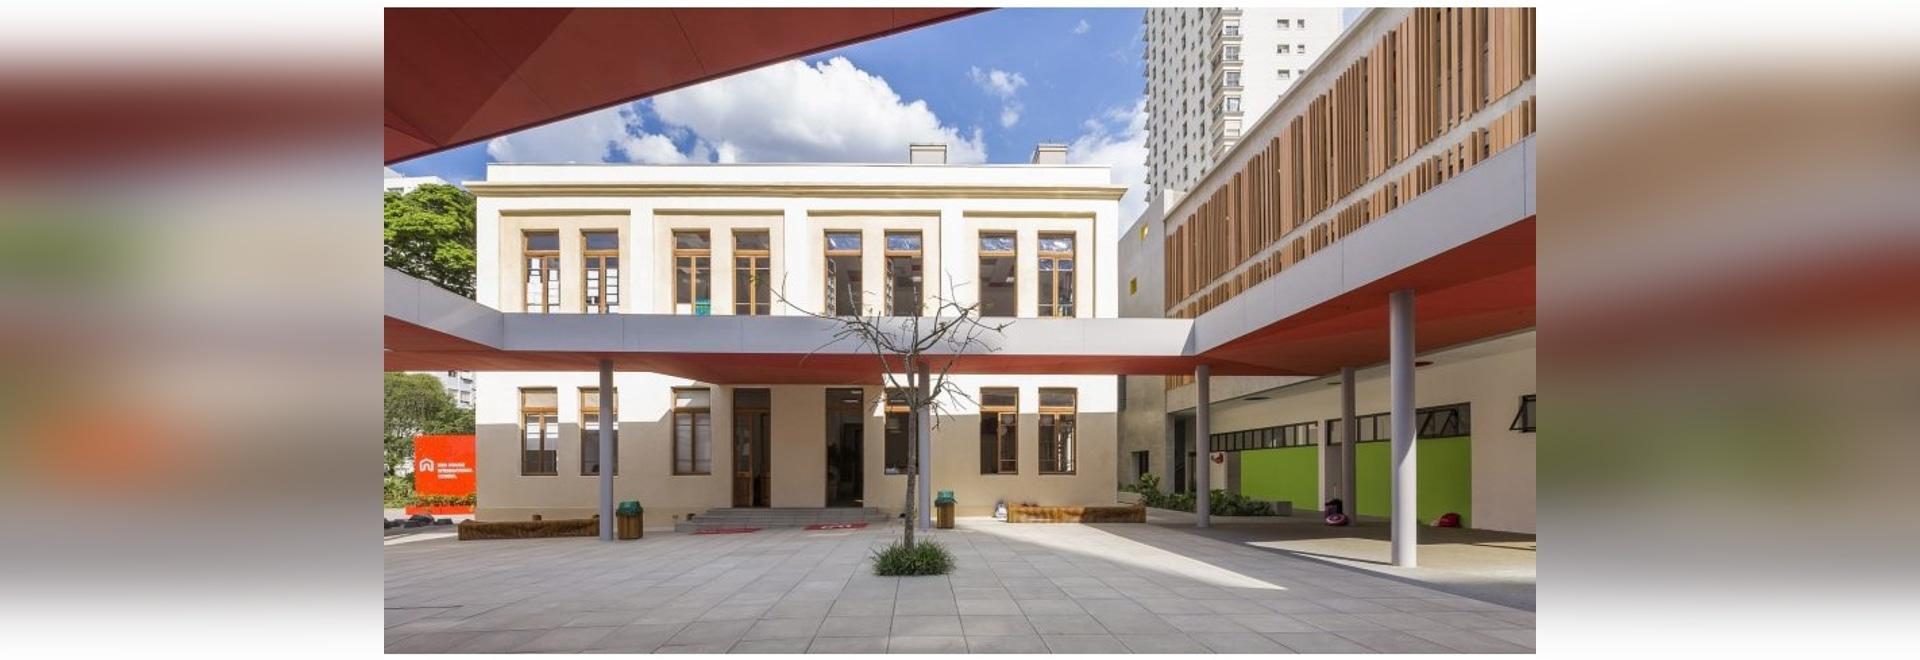 Studio Dlux wandelt historisches Gebäude in São Paulo in die Schule der Kinder um